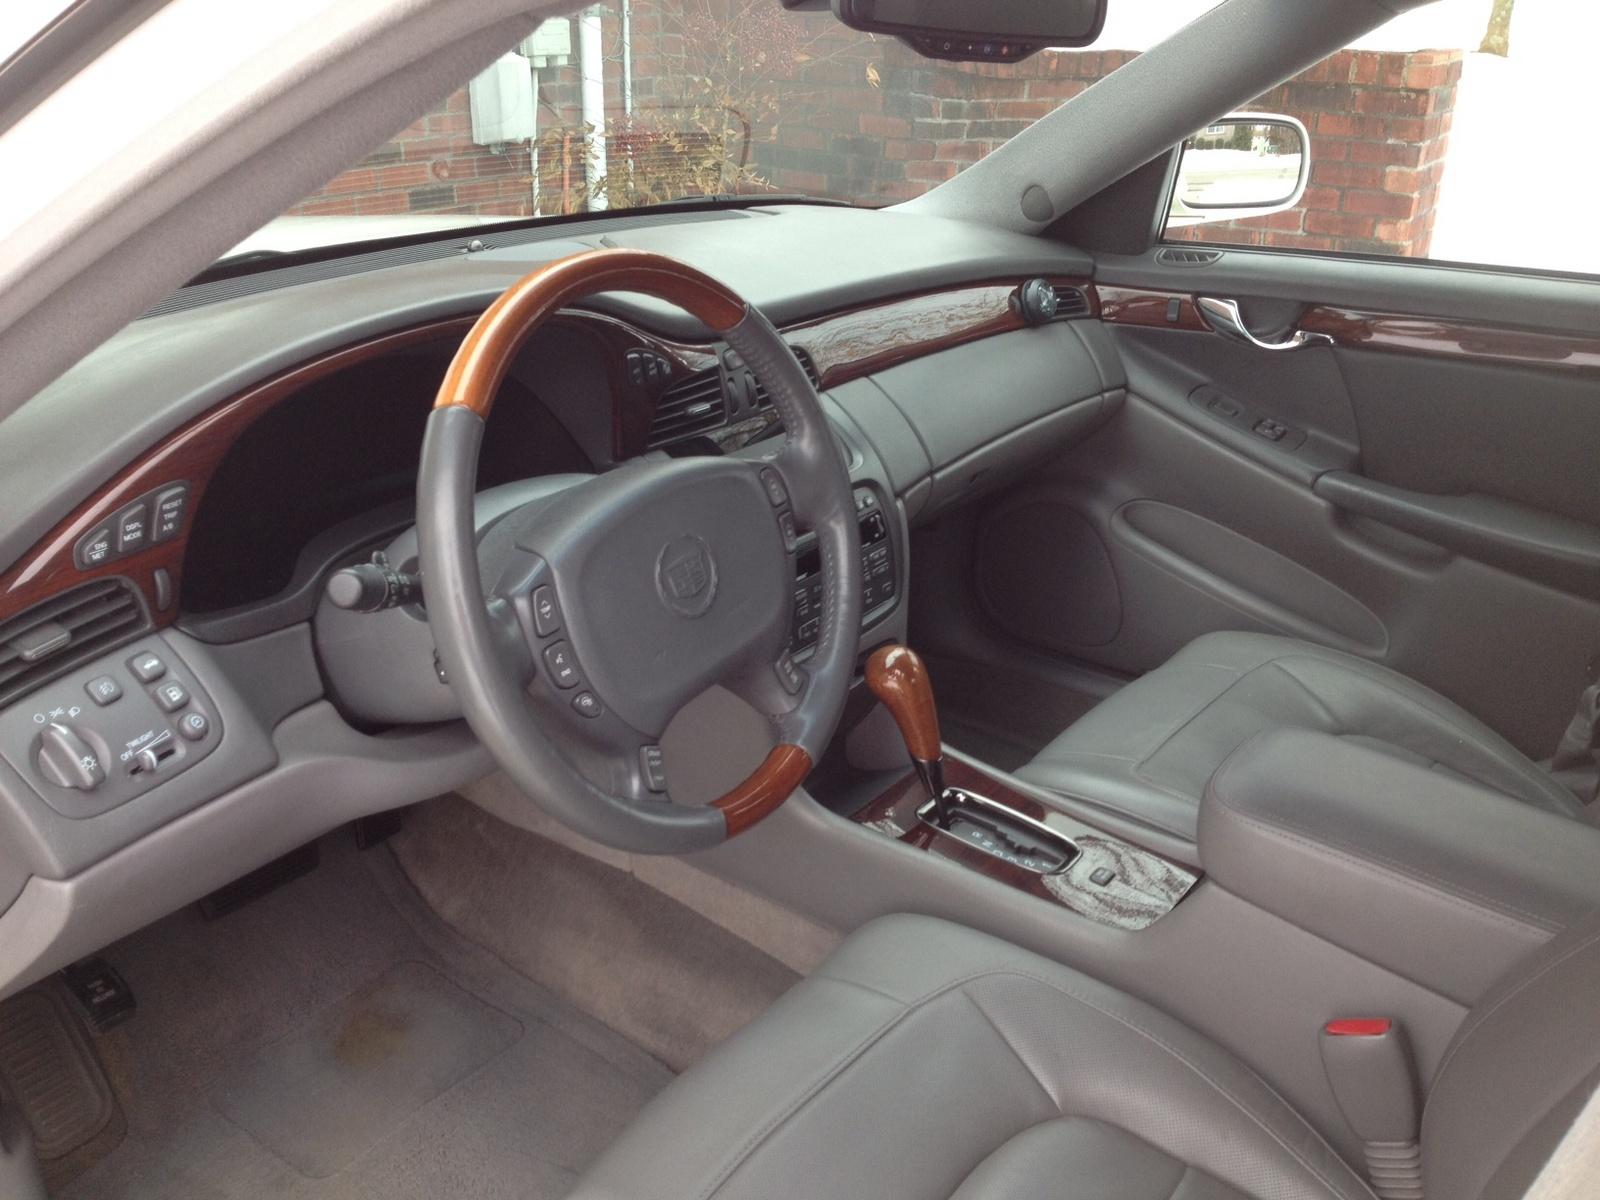 2004 Cadillac Deville Interior Pictures Cargurus